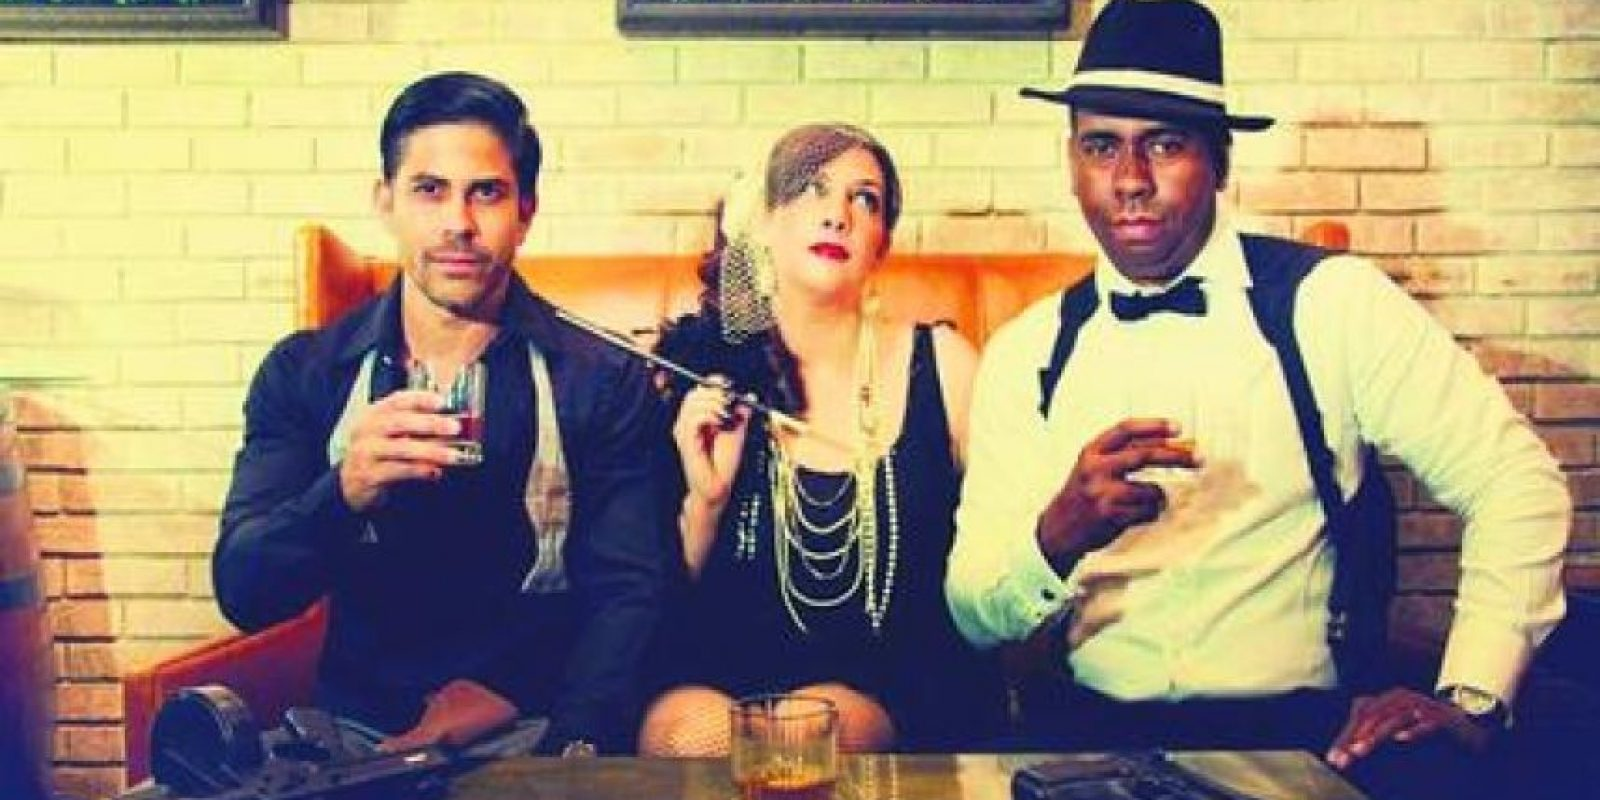 """Isaac Saviñón, Silvia Callado y Tony Rojas, talentos de """"¿Cuál tu es tu versión?"""" Foto:Fuente externa"""